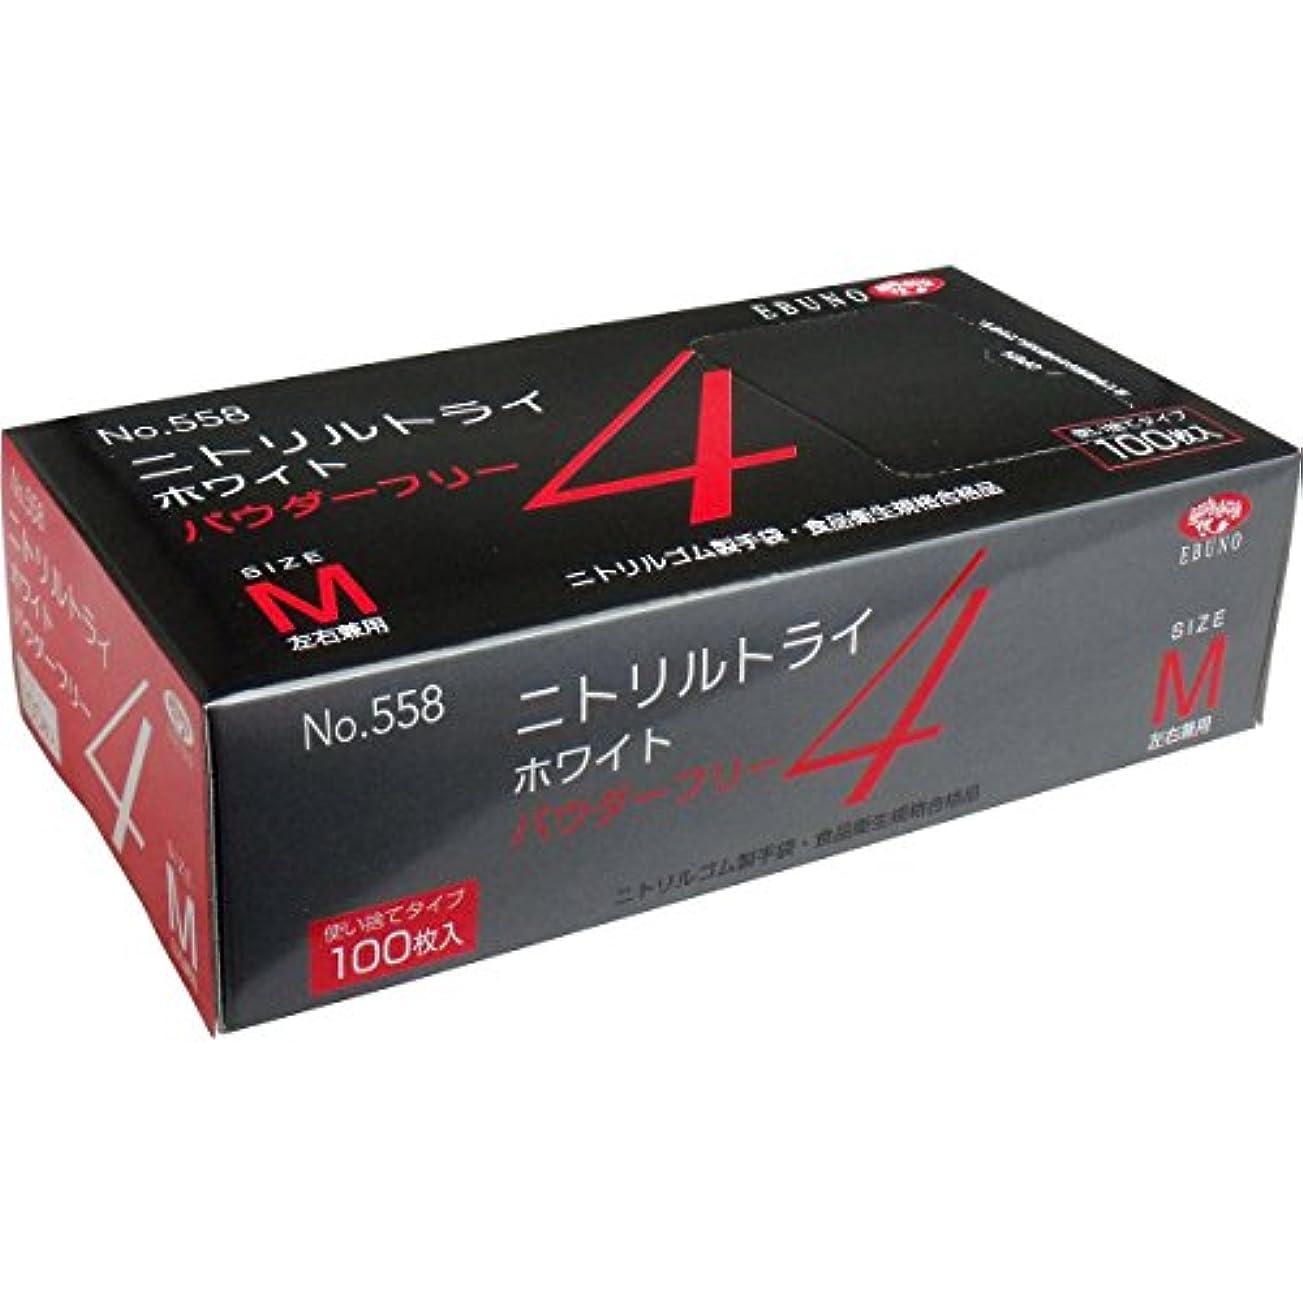 ニトリルトライ4 №558 ホワイト 粉無 Mサイズ 100枚入